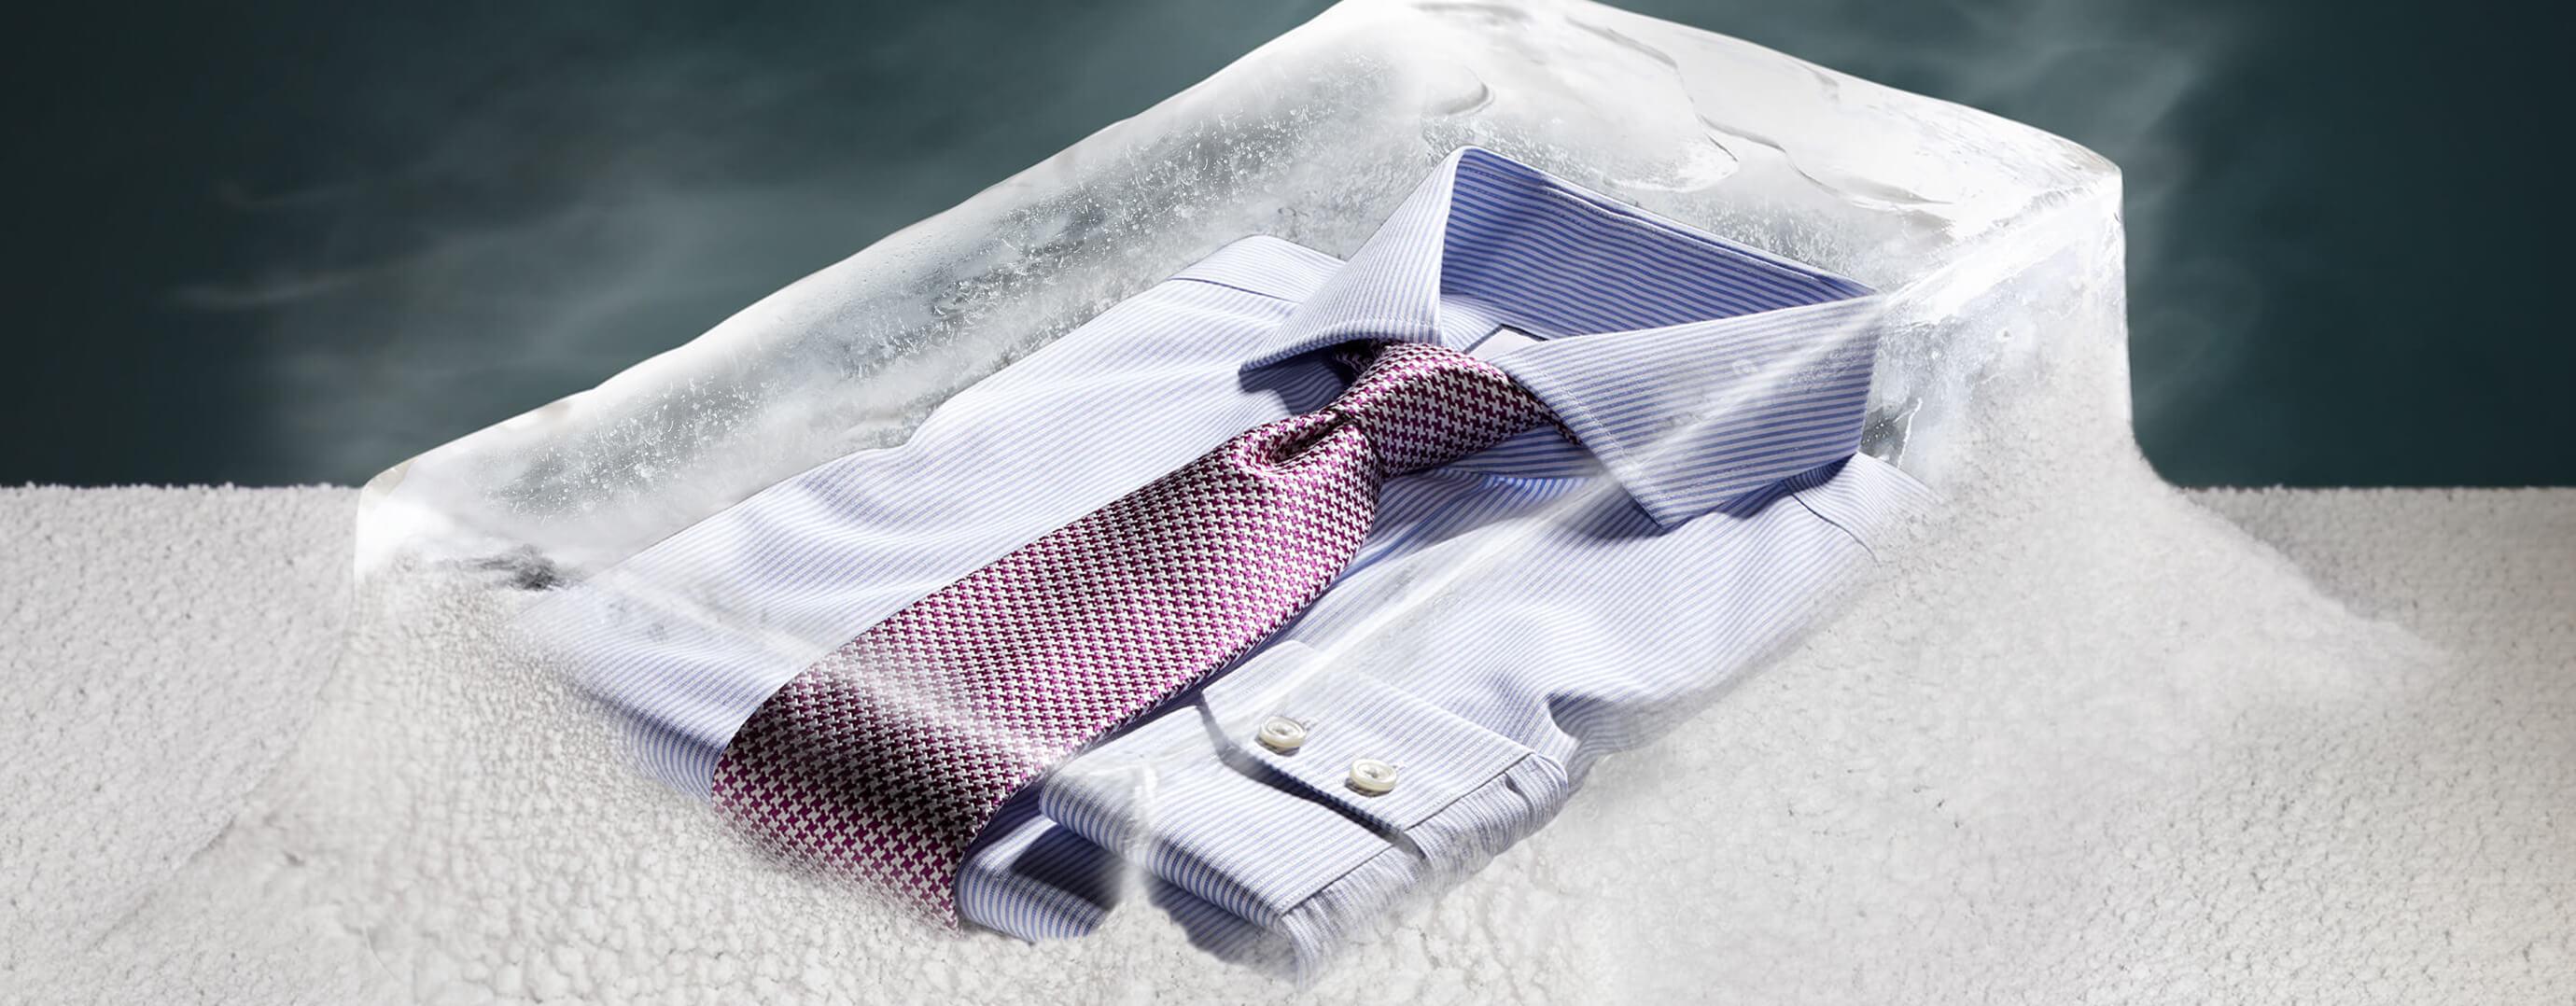 Tyrwhitt Cool Hemden in vier Farben: blau, rosa, weiß und orange